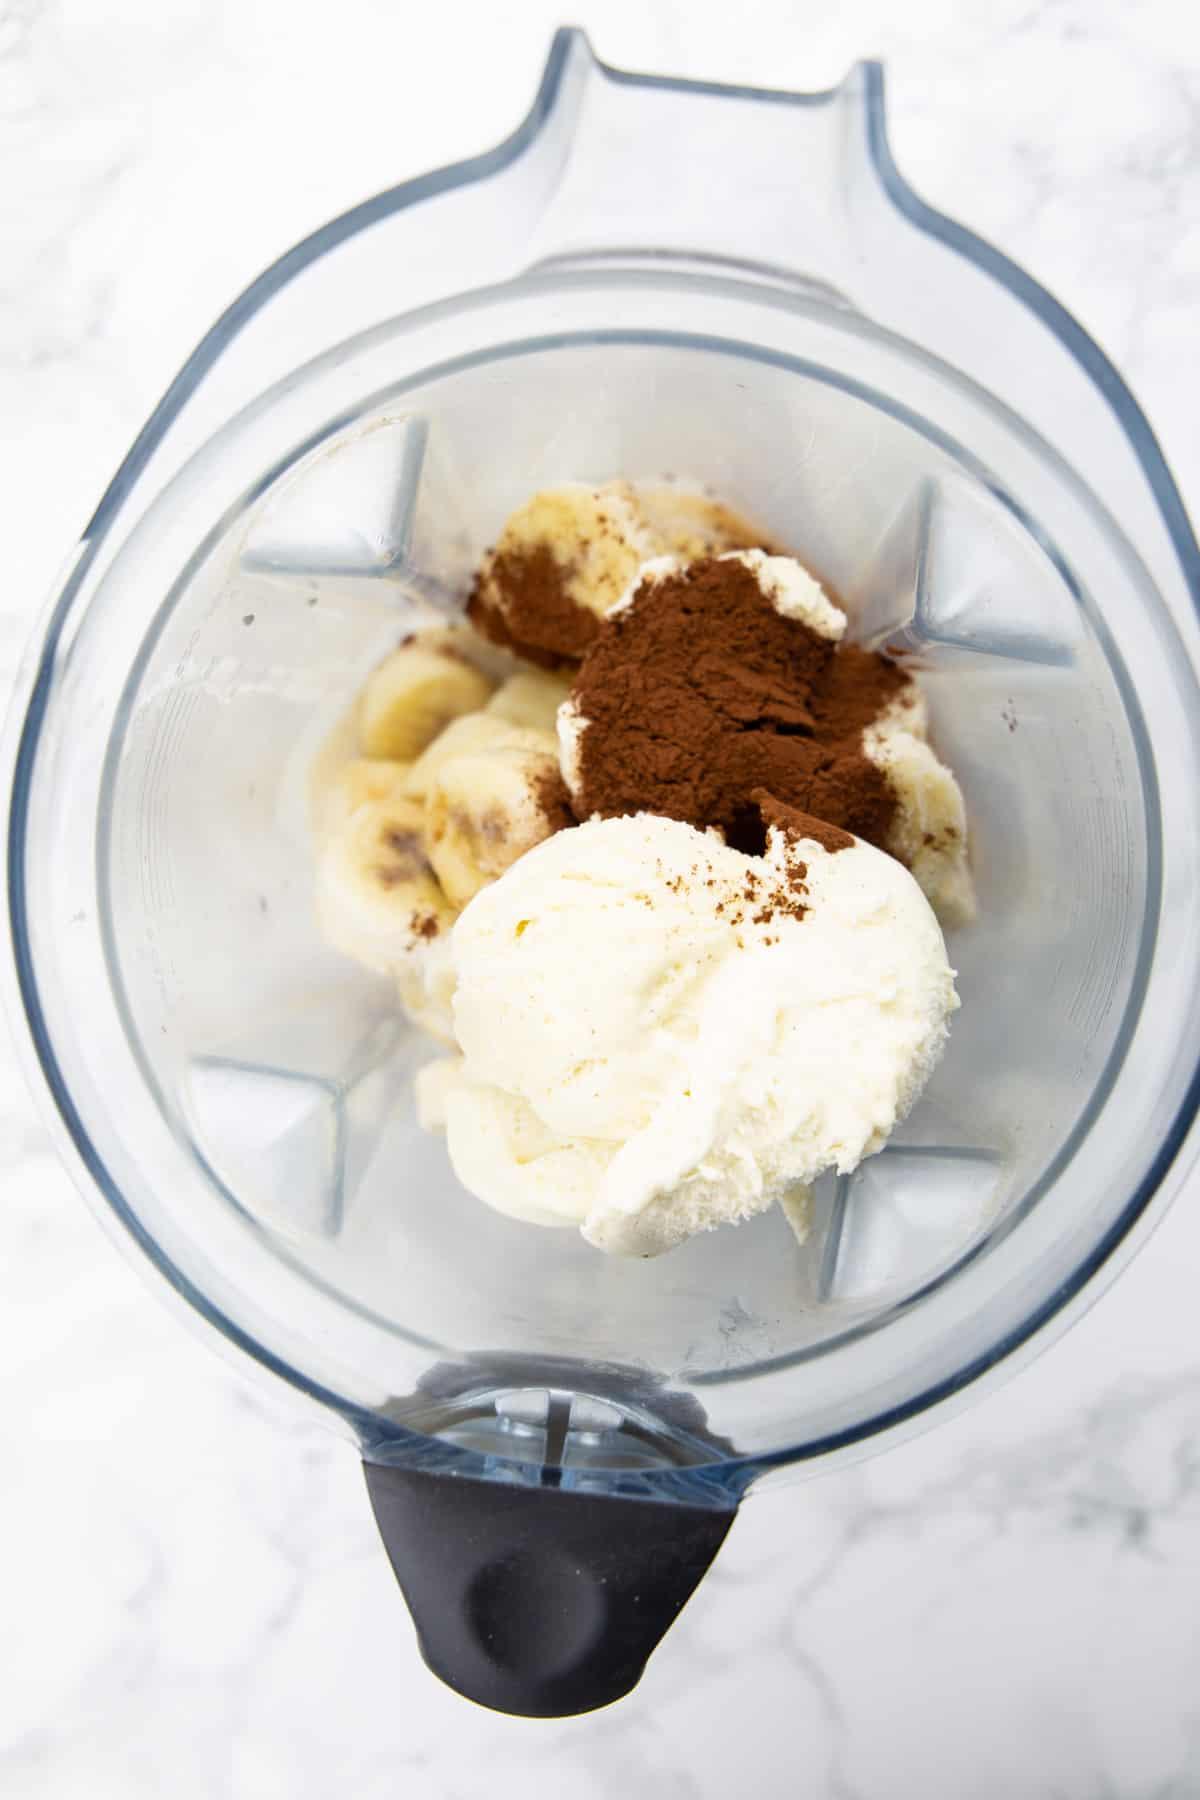 Gefrorene Bananen, Vanilleeis und Kakaopulver in einem Mixer auf einer Marmorplatte